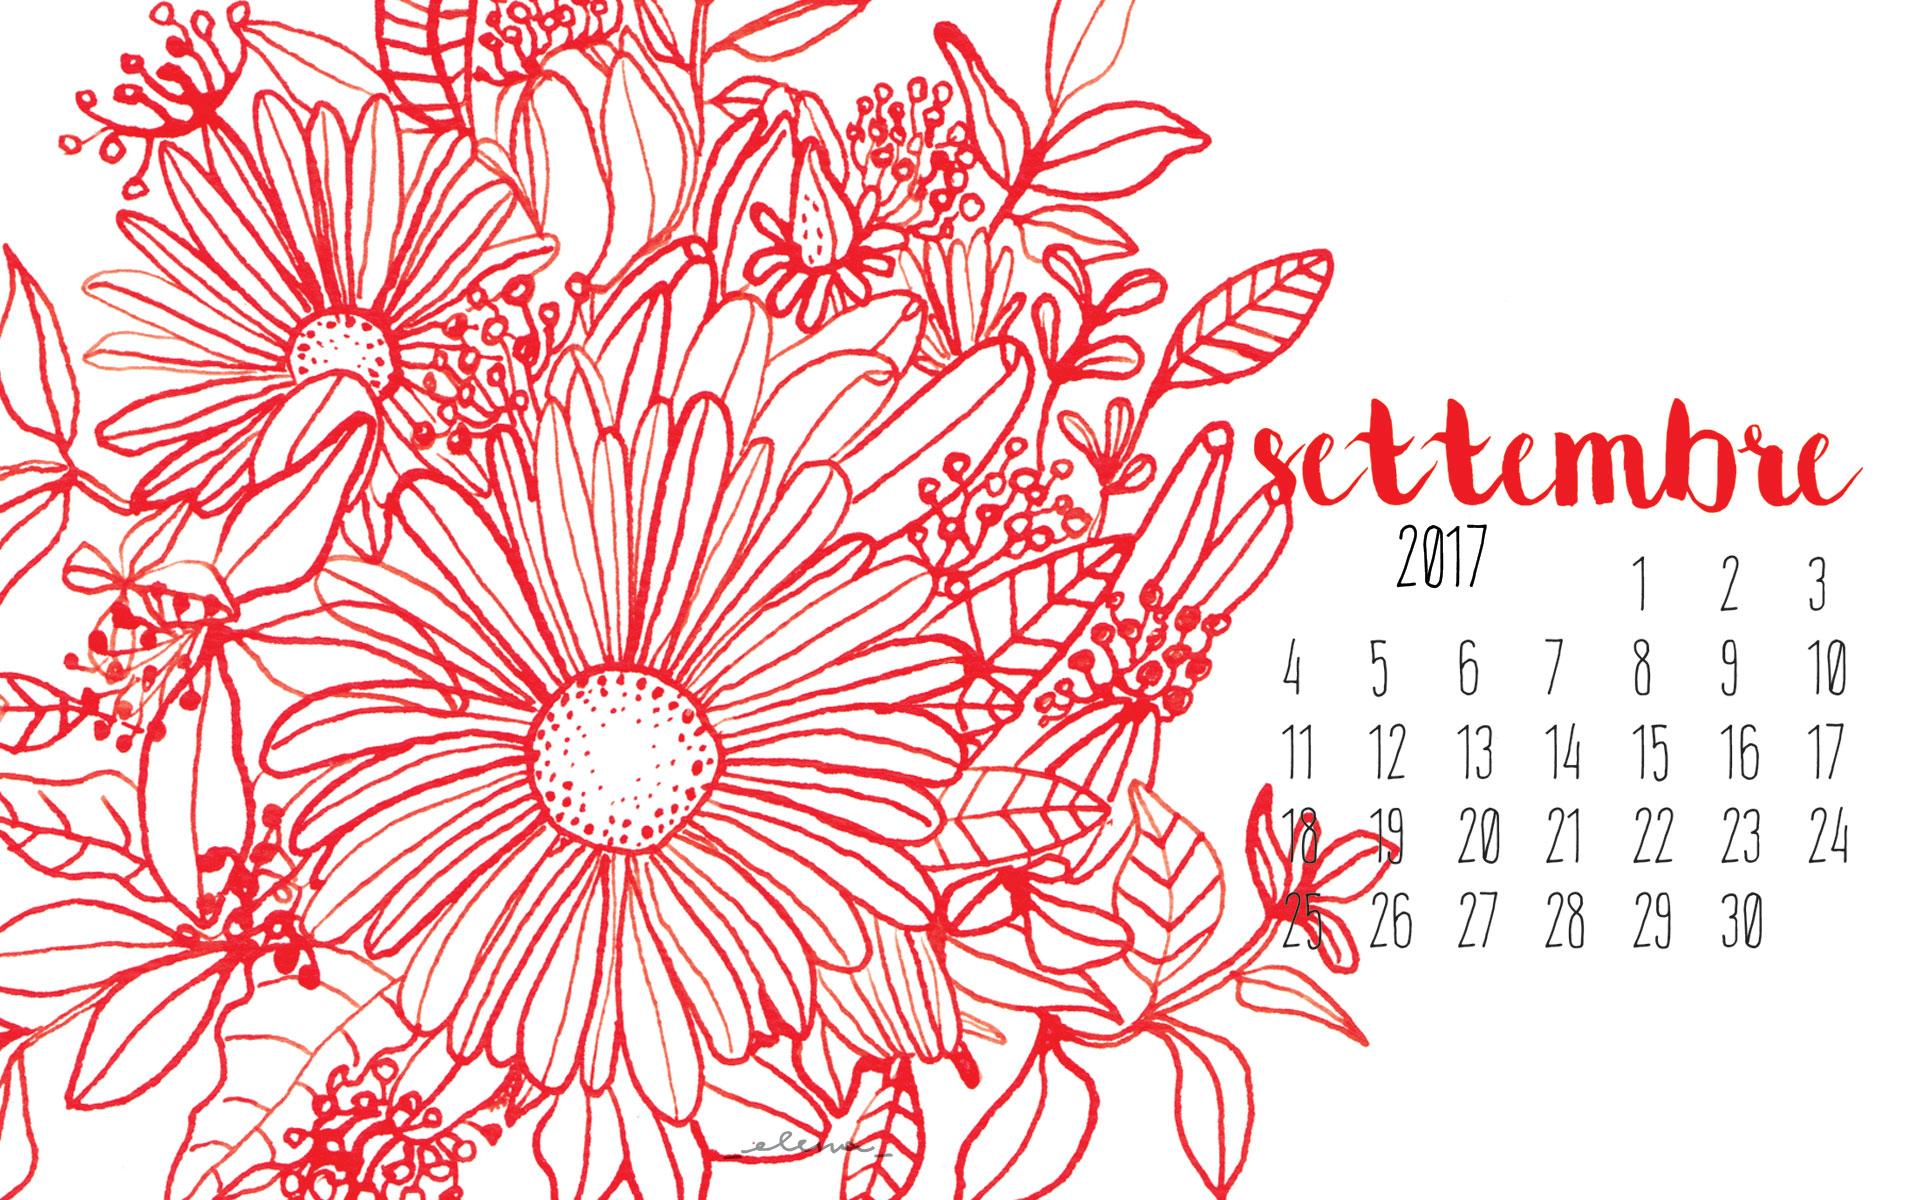 Fiori e inchiostro: il desktop calendar di settembre!